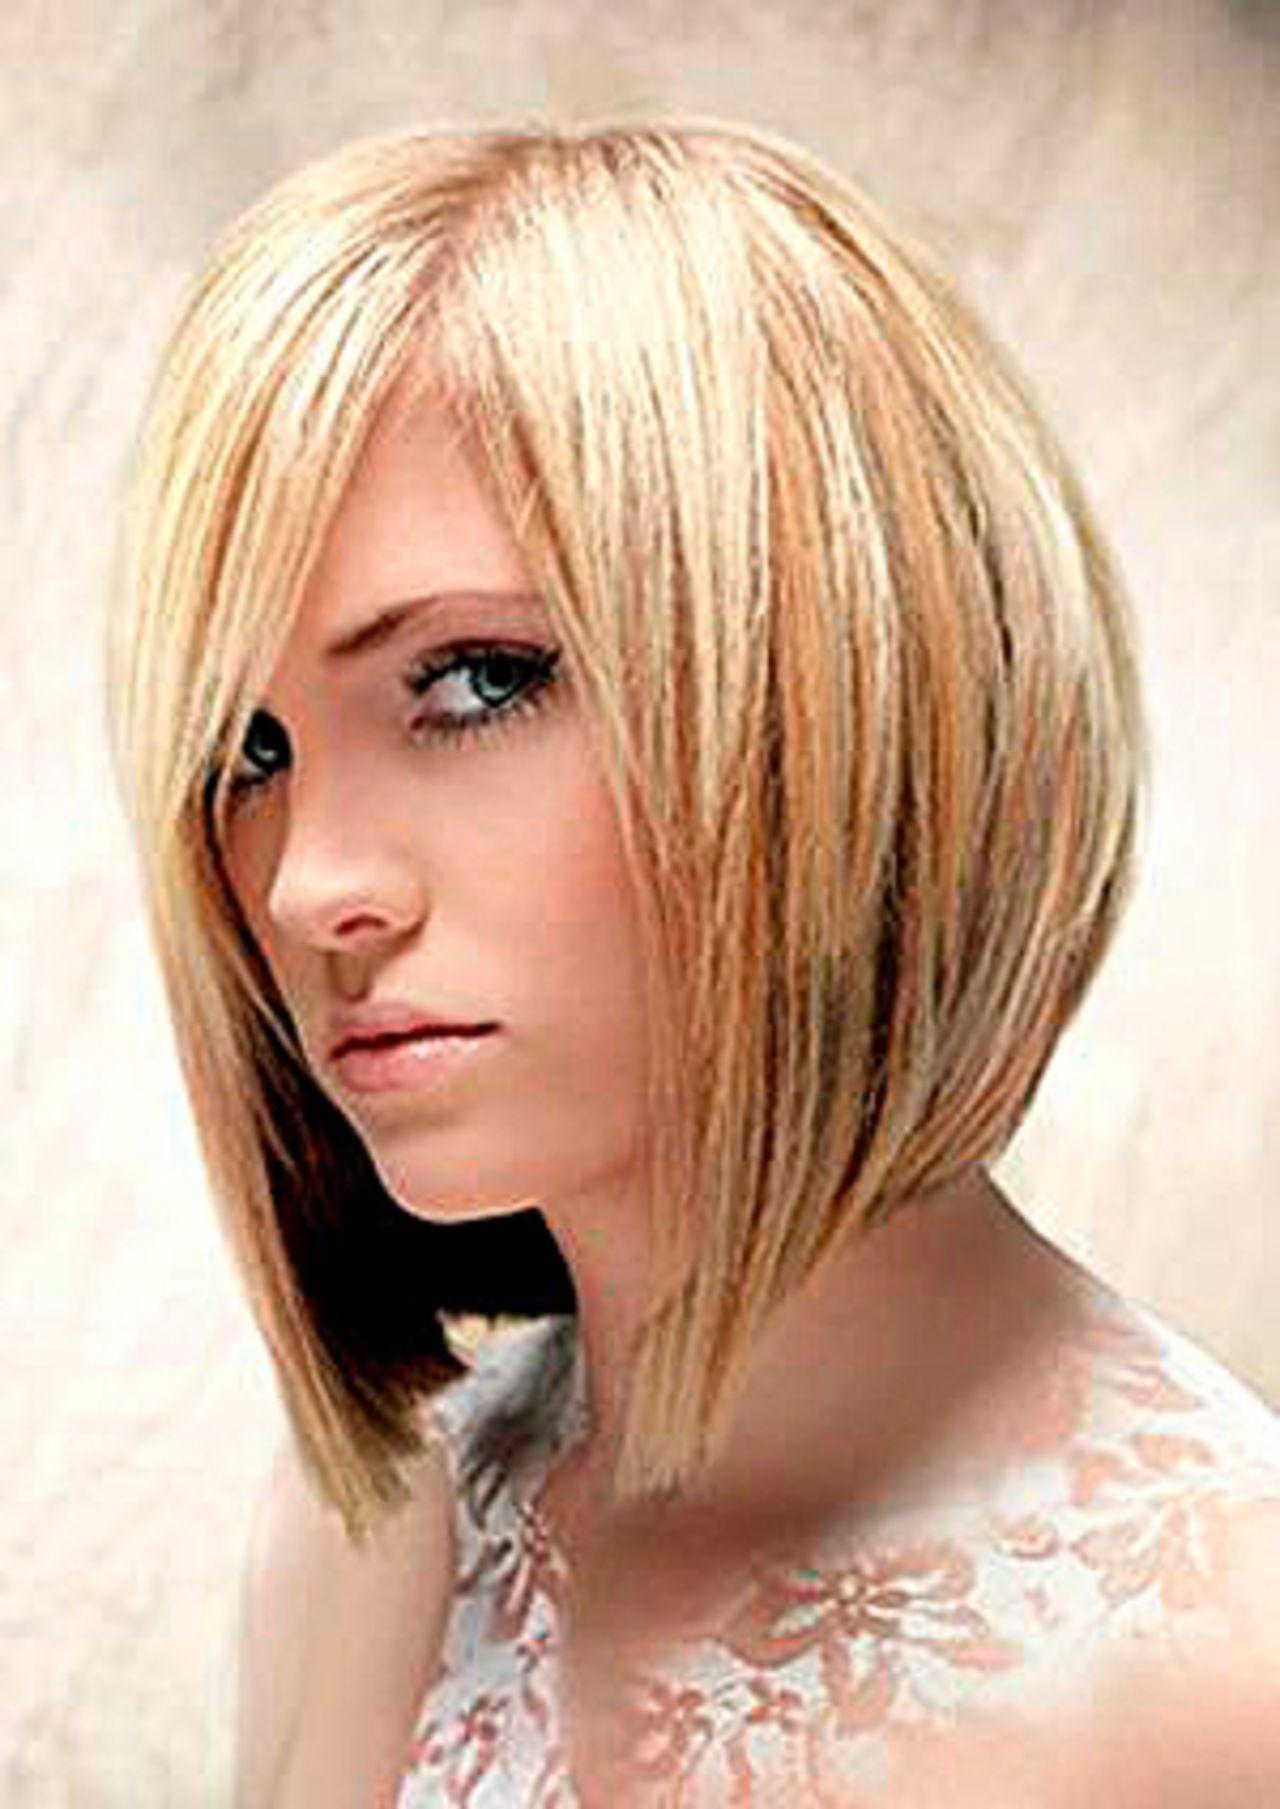 Фото блондинки с зализанным волосом 23 фотография